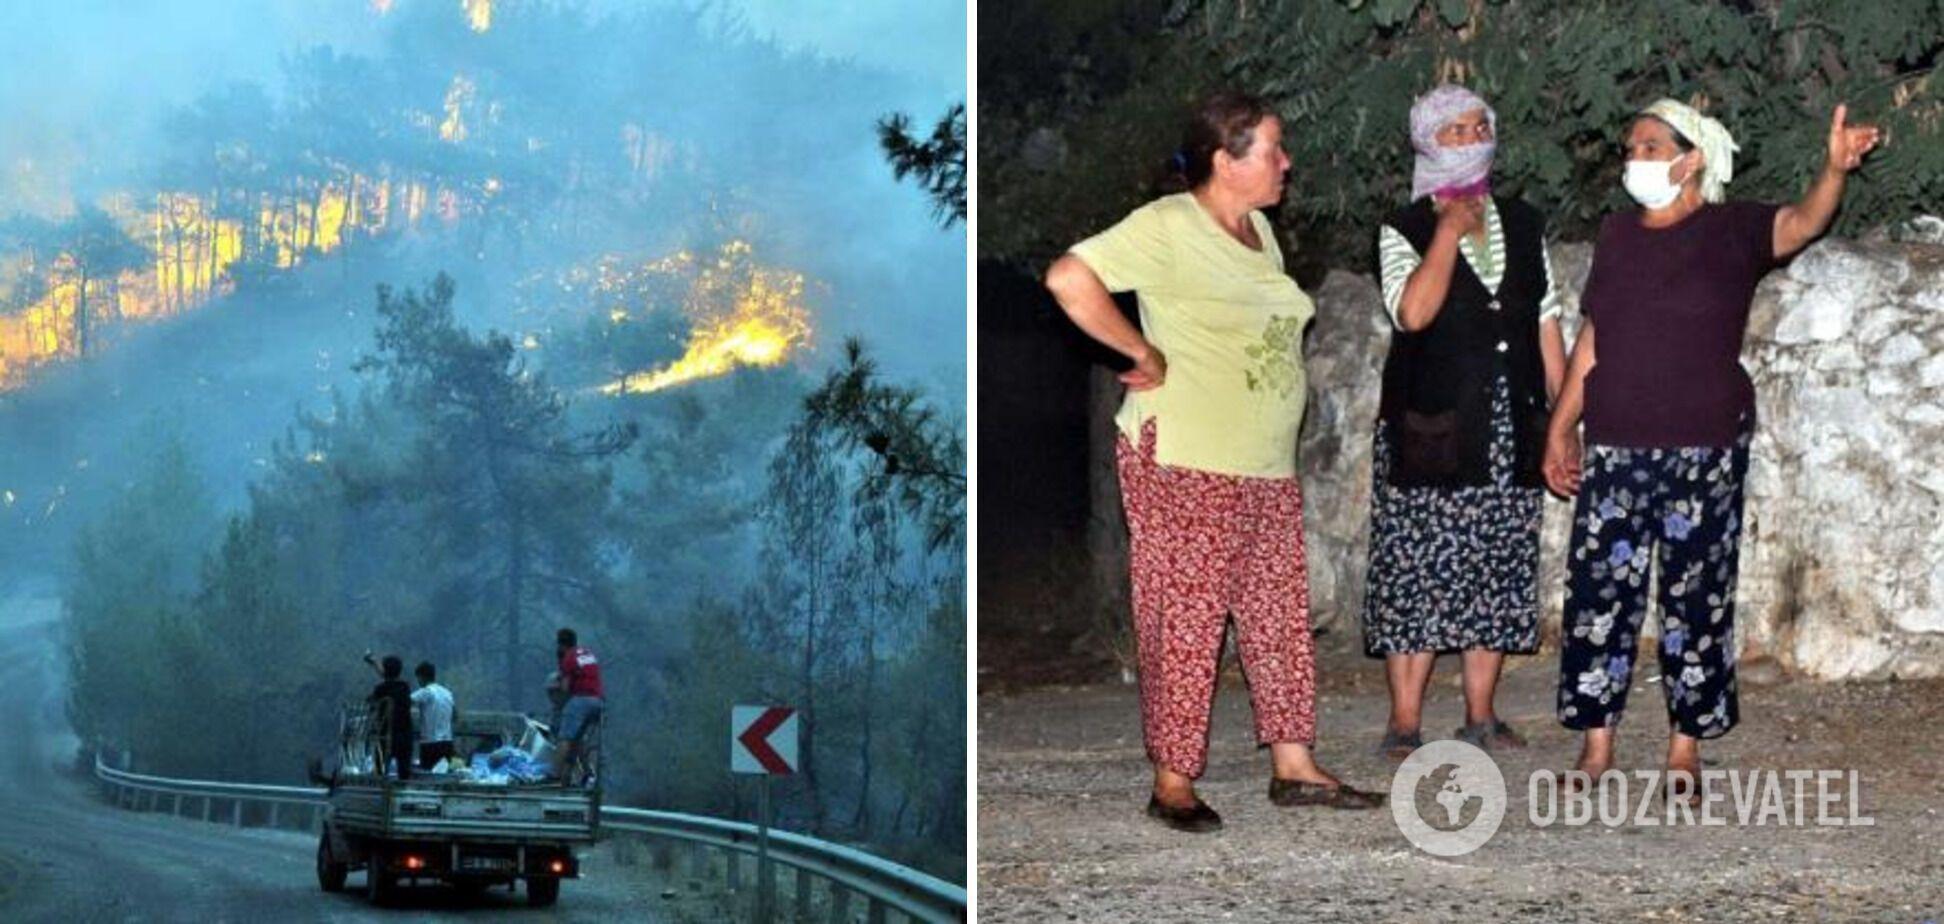 Пожар в деревне Бейджилер.